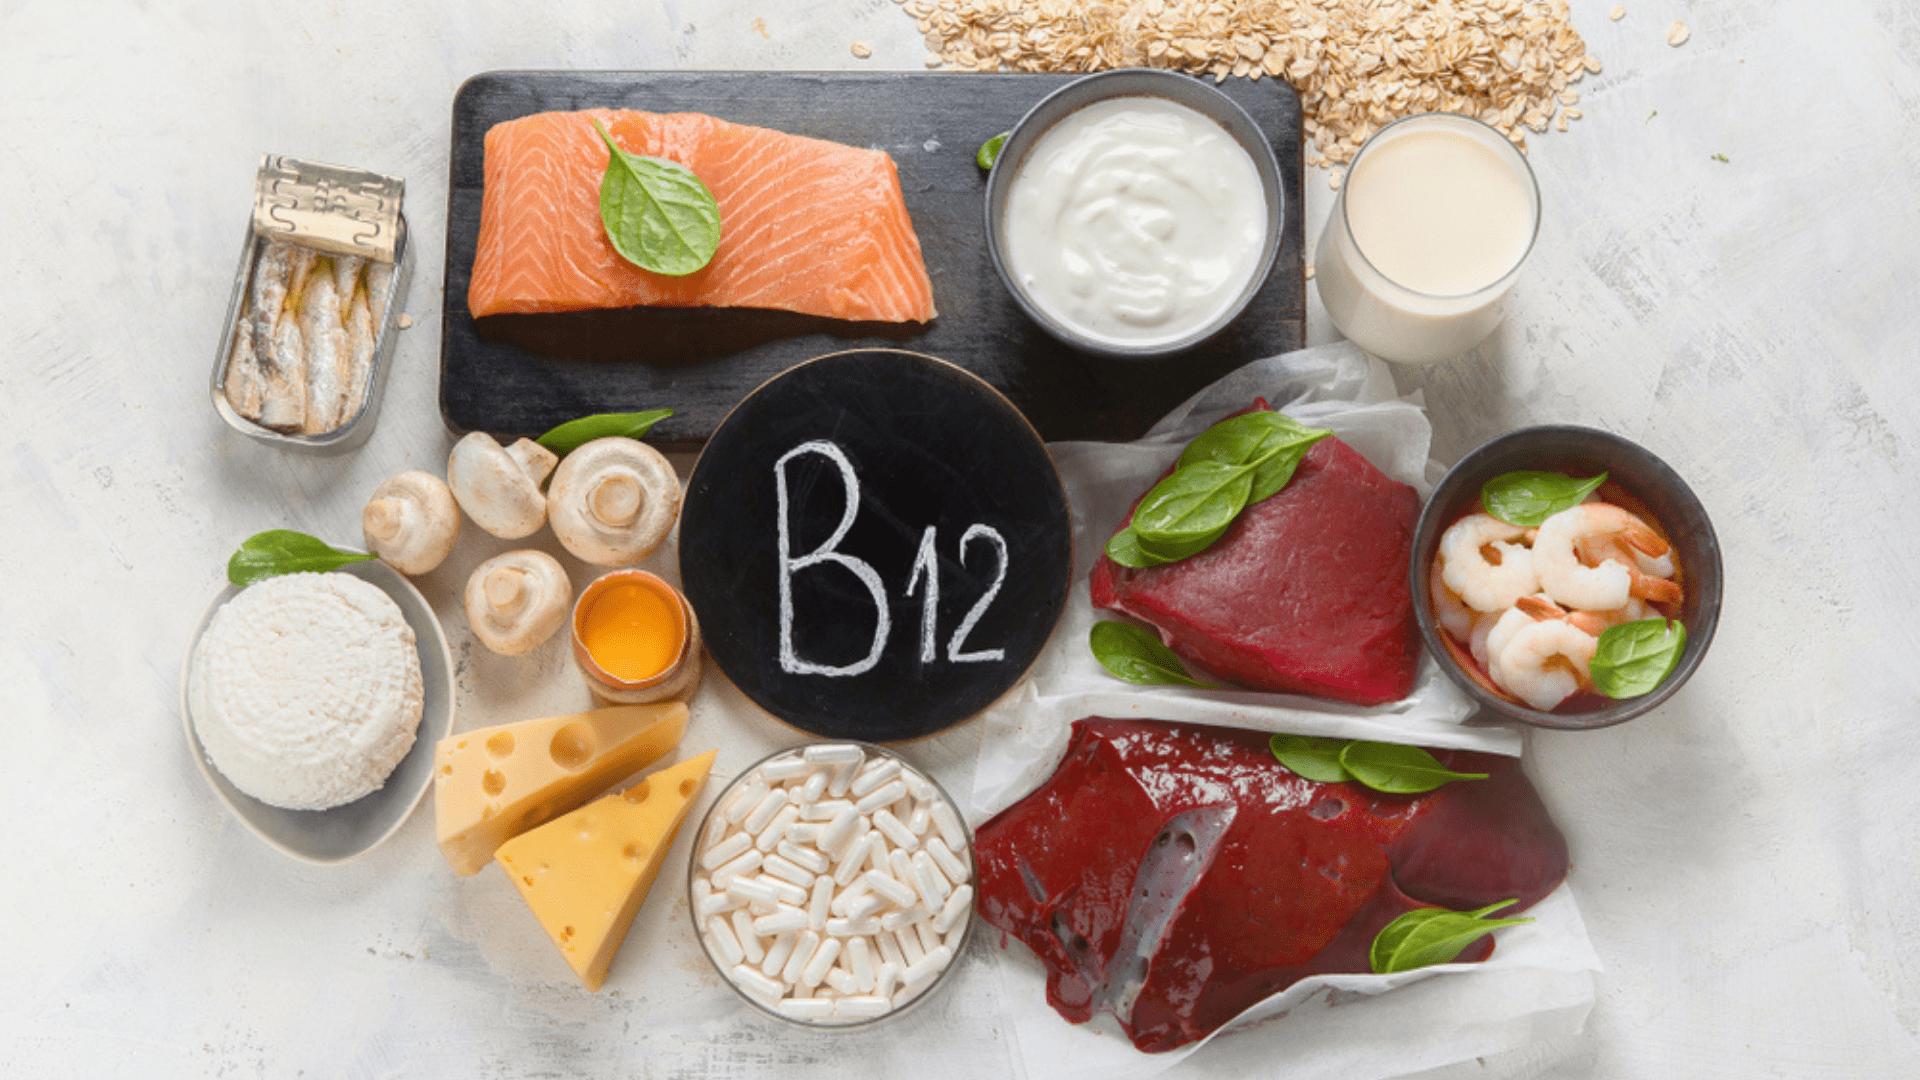 A vitamina B12 também auxilia na saúde dos neurônios e na oxigenação do corpo (Imagem: Divulgação/Shutterstock)